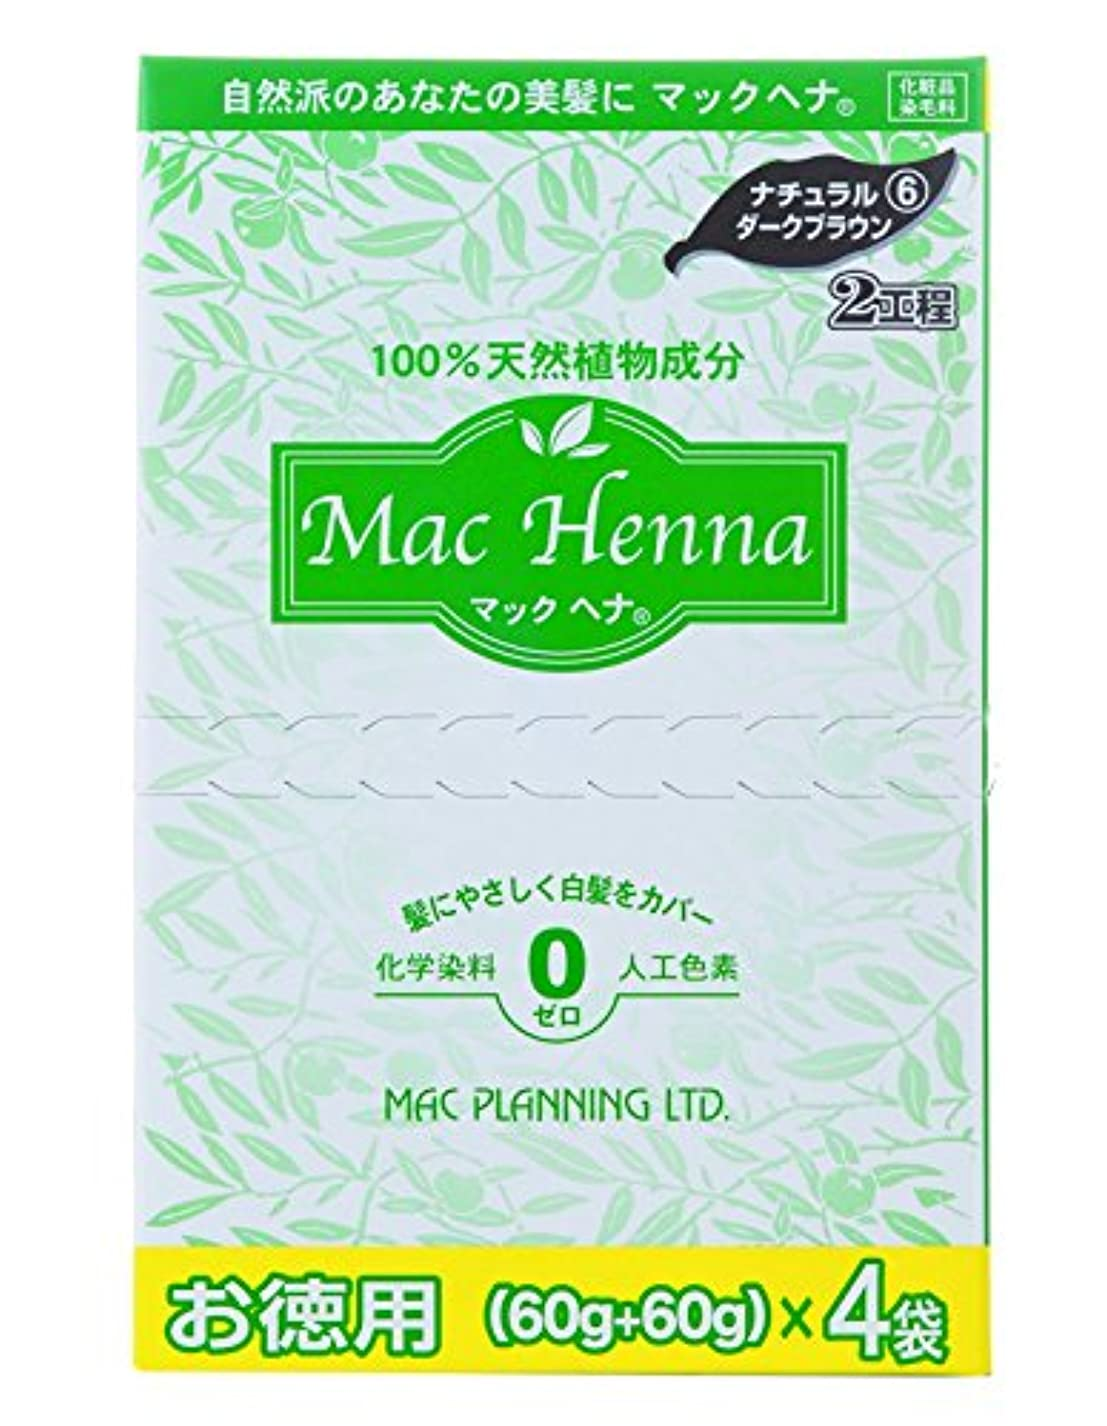 雑草調整可能隔離するマックヘナ お徳用 ナチュラルダークブラウン480g ヘナ白髪用カラー